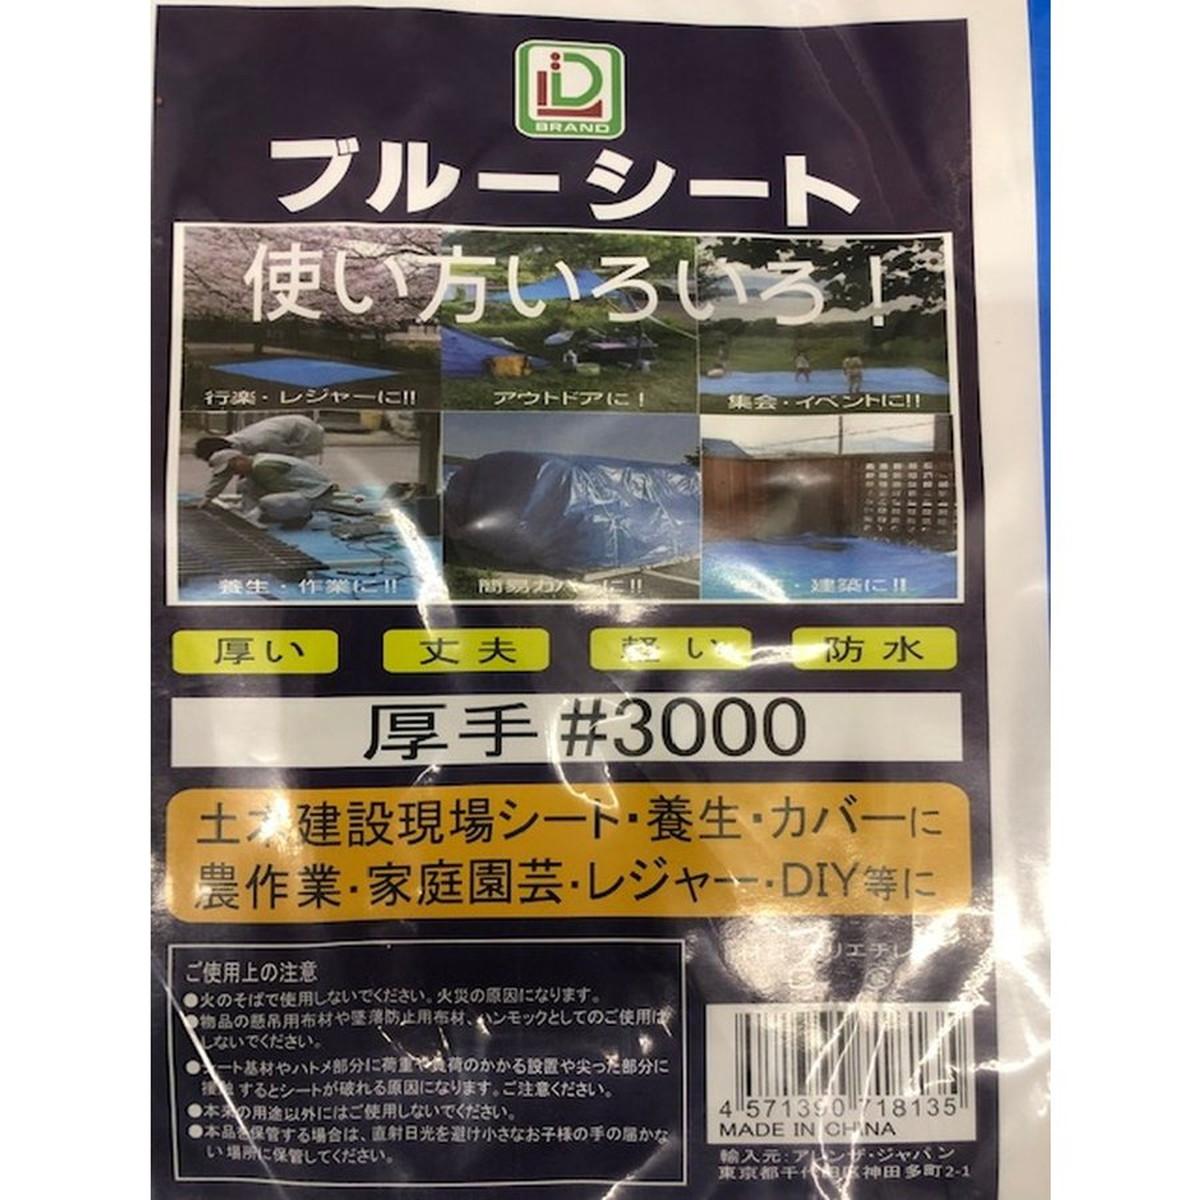 ブルーシート 7.2X9.0 #3000【クーポン配布中】